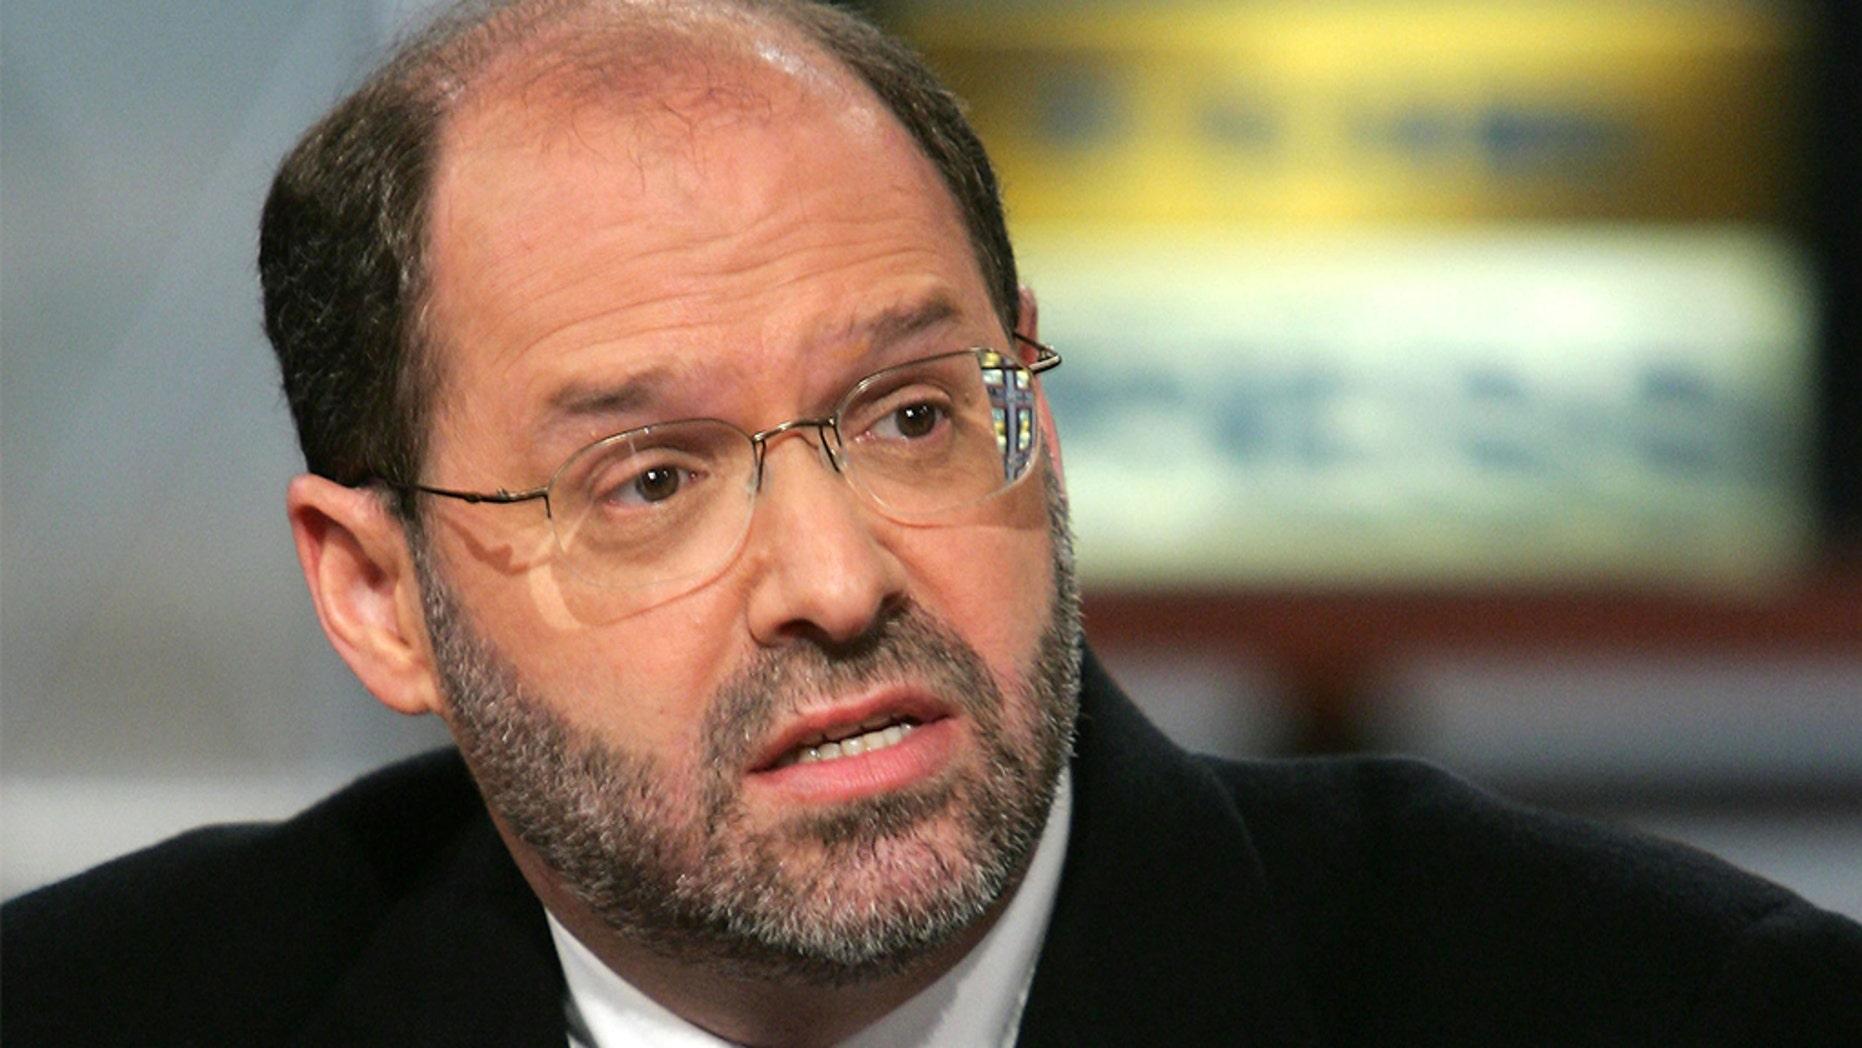 El analista militar de NBC News, William Arkin, renunció con una carta mordaz. (Alex Wong / Getty Images, archivo)